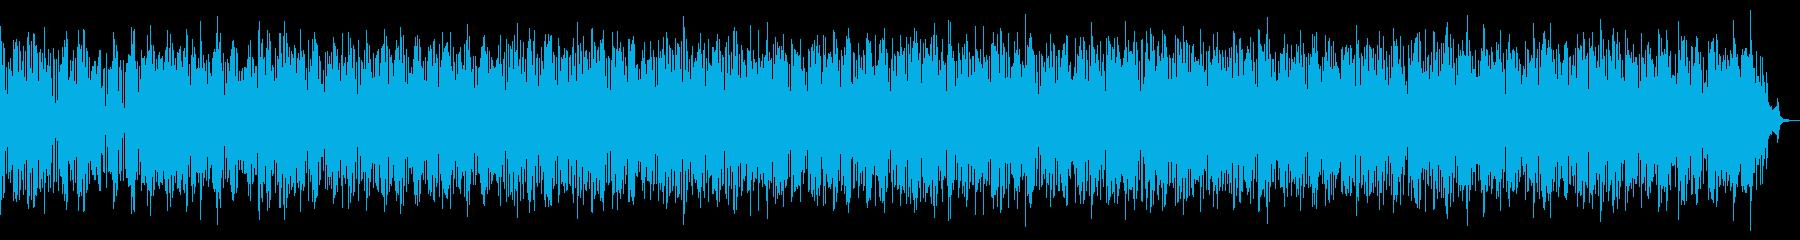 大自然をイメージしたワールドミュージックの再生済みの波形